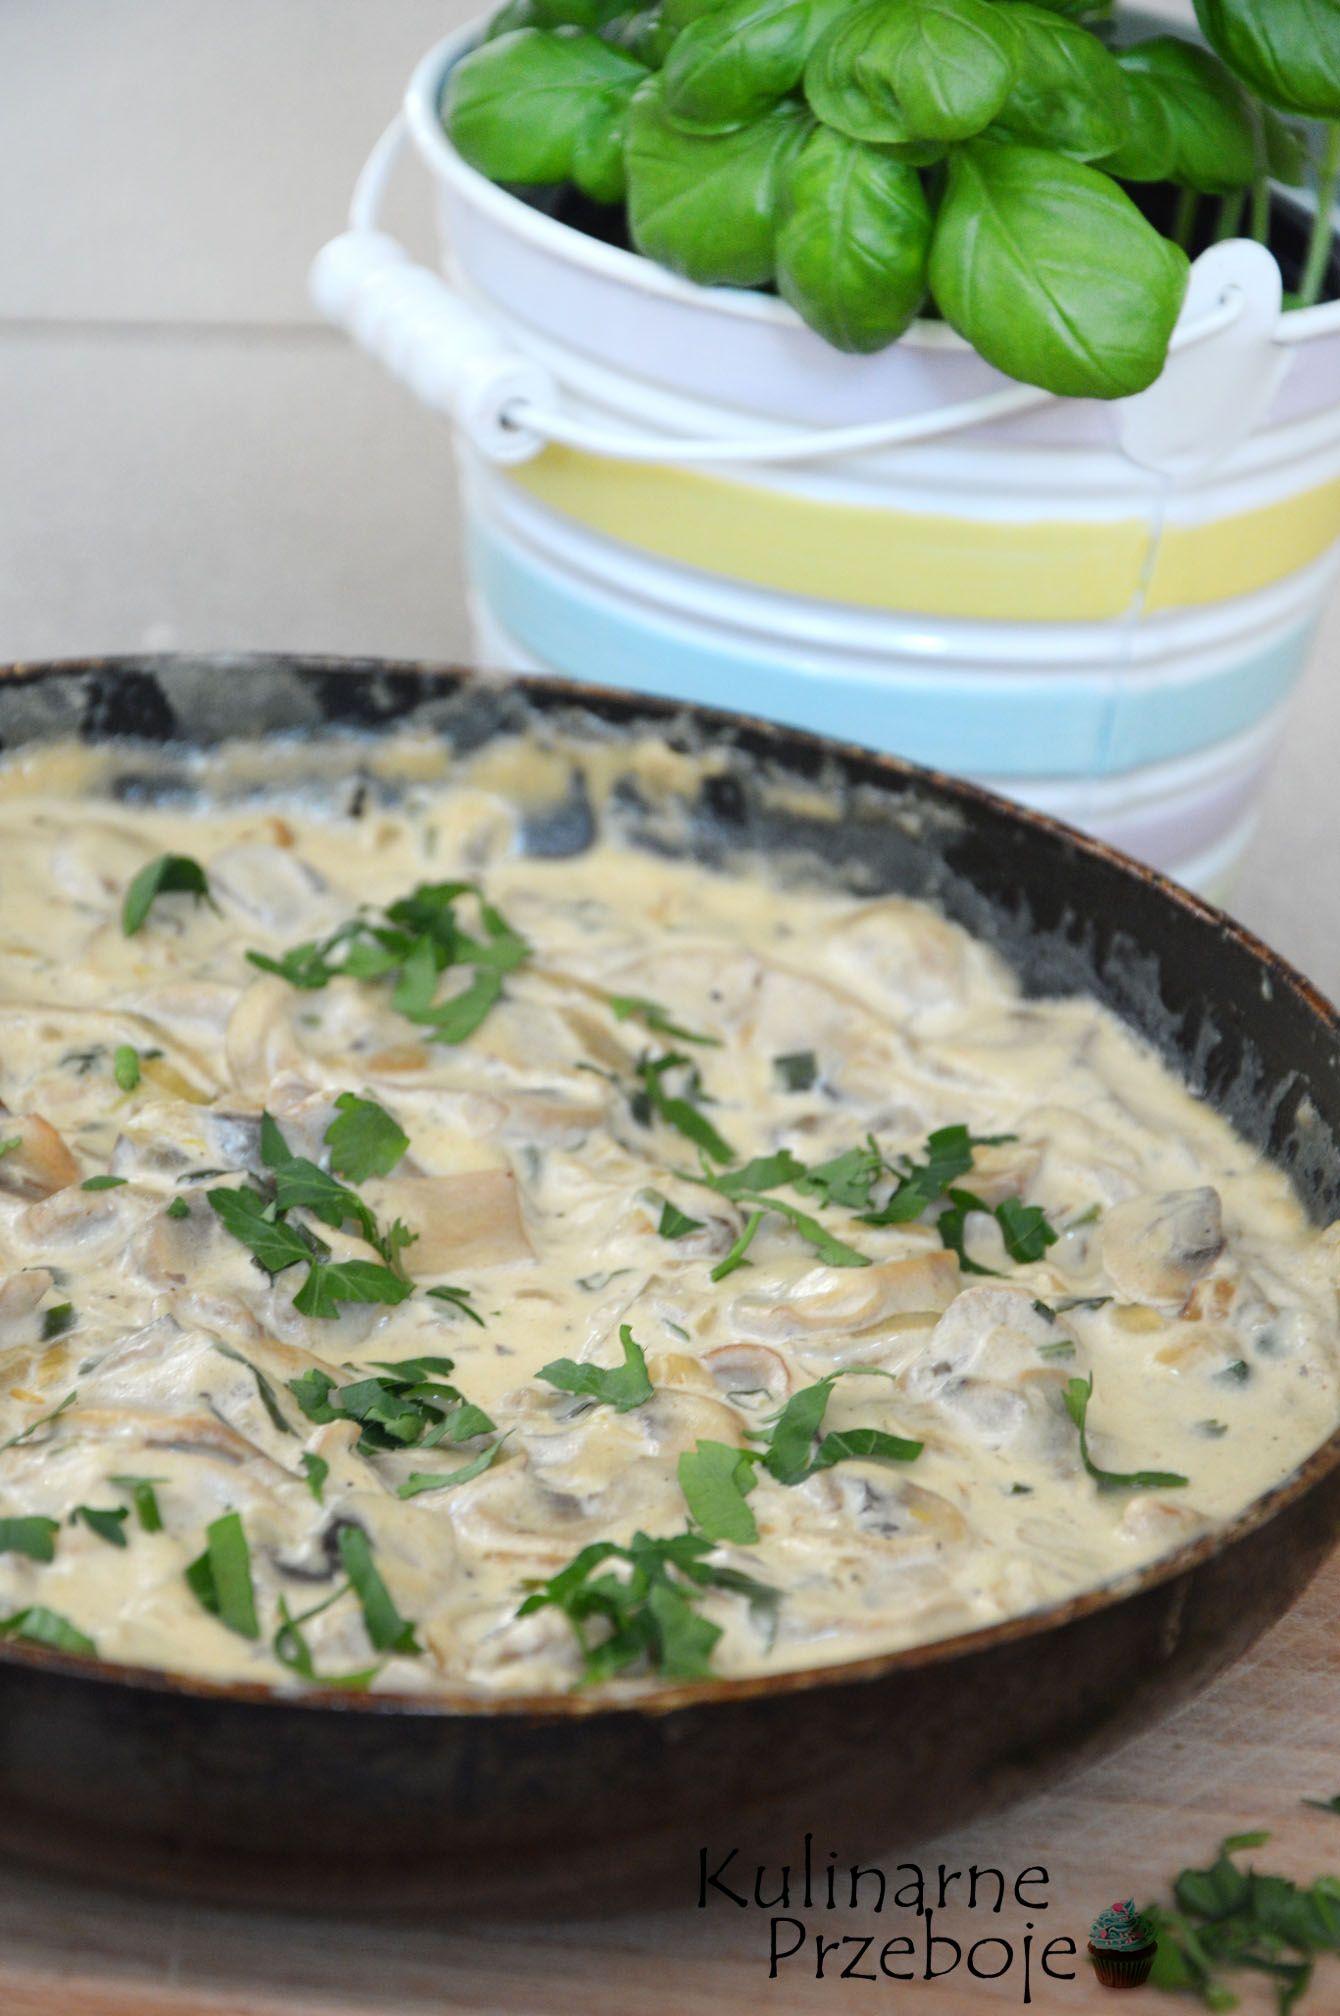 Sos Pieczarkowy Pyszny I Szybki Przepis Kulinarneprzeboje Pl Recipe Vegetarian Recipes Culinary Recipes Food